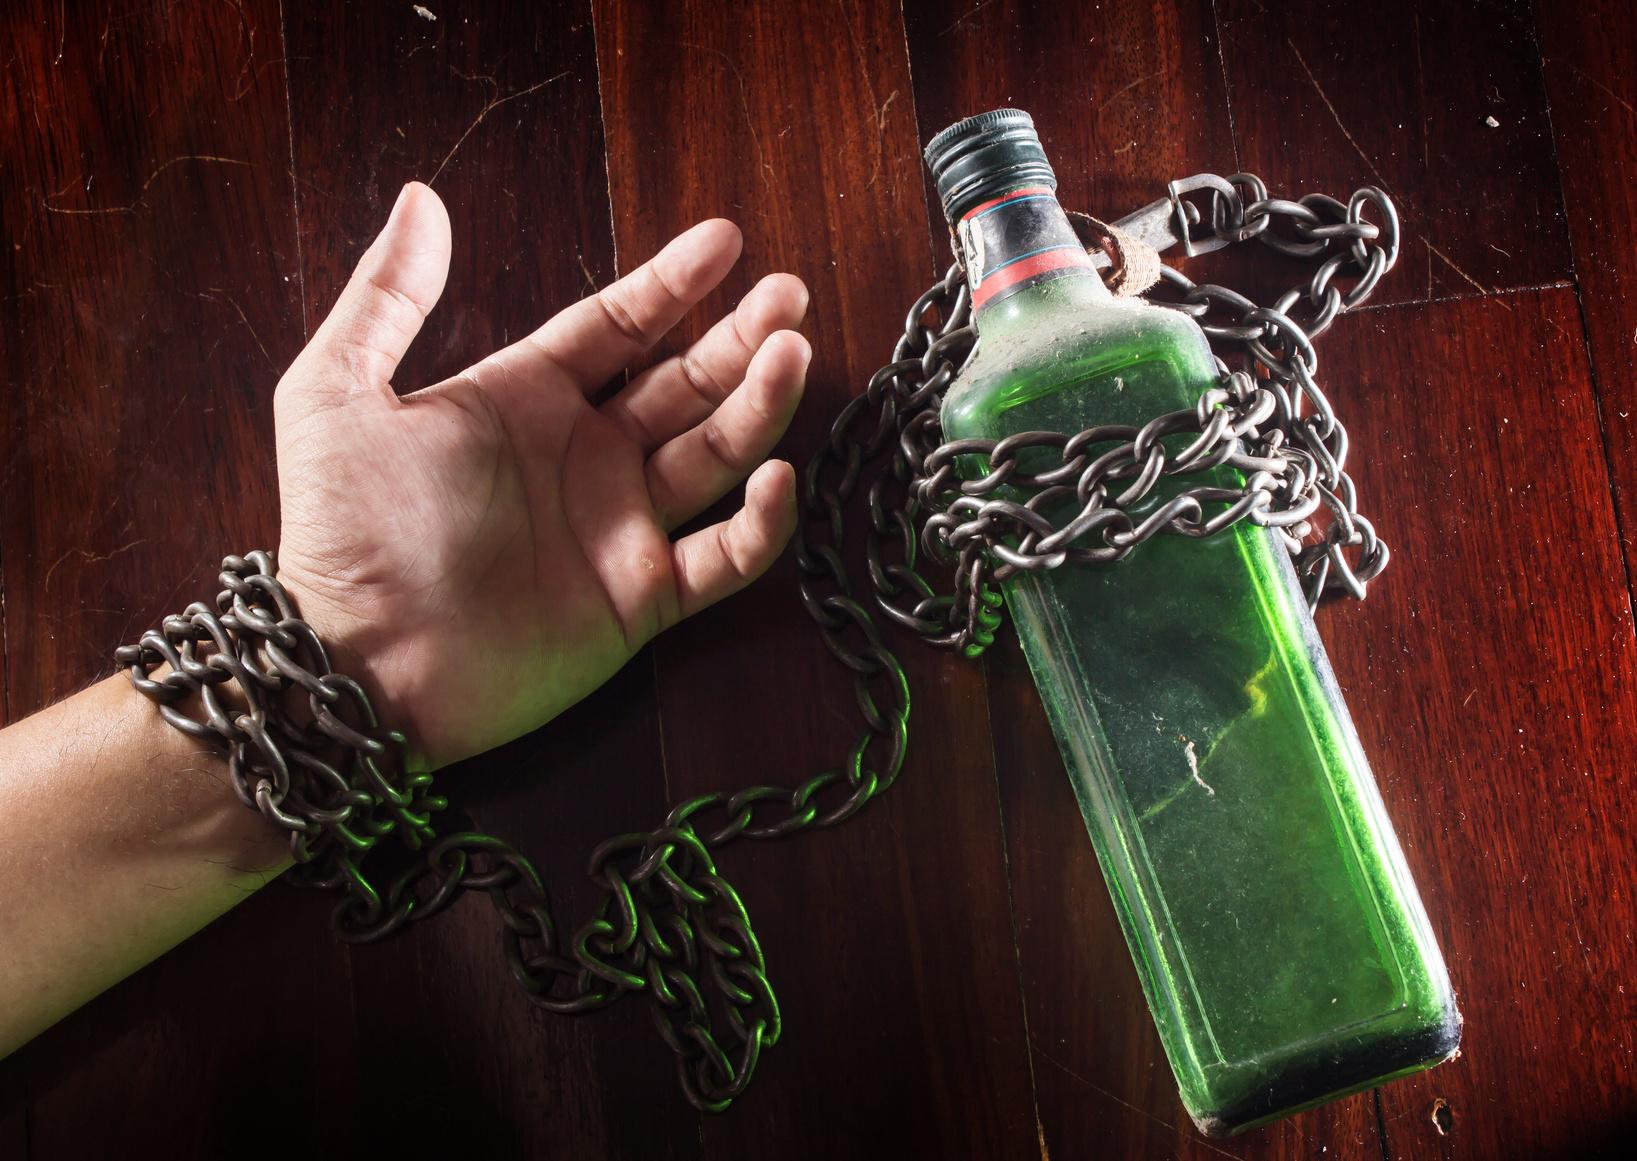 La clínica del tratamiento de la dependencia alcohólica novokuznetsk